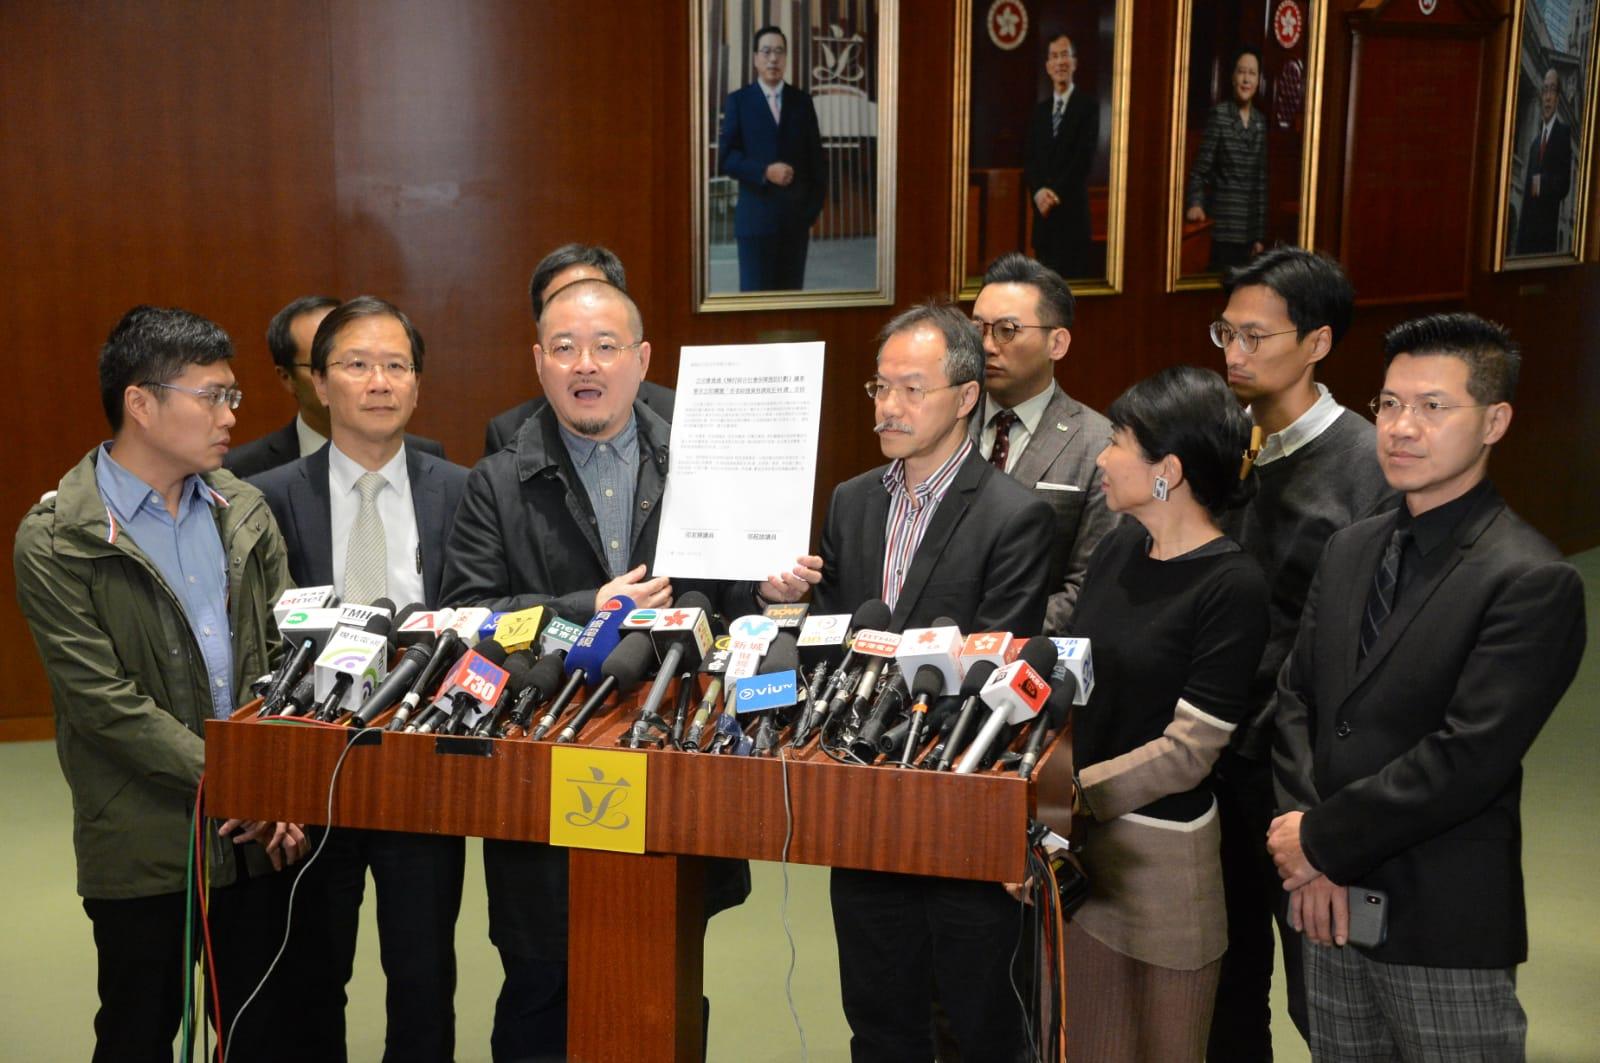 邵家臻说,期望政府正视立法会的声音。